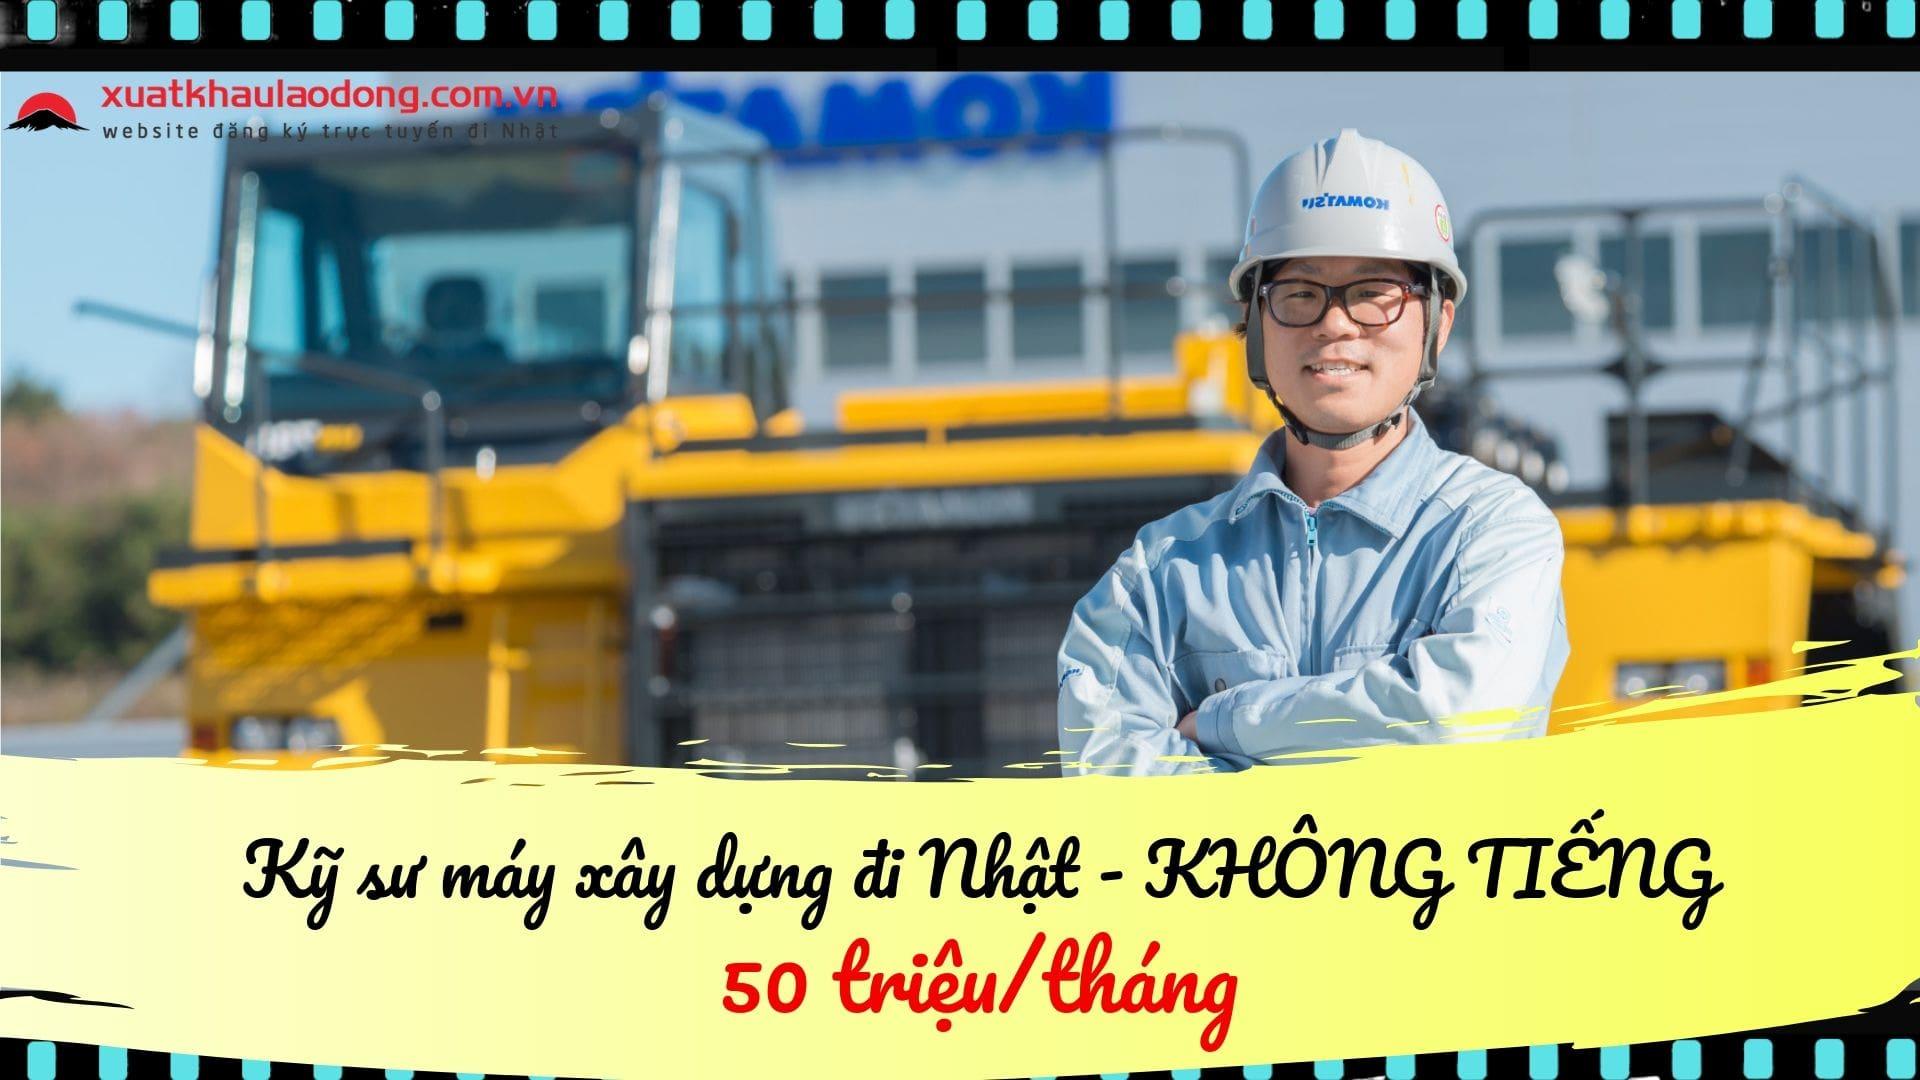 Kỹ sư máy xây dựng đi Nhật - cơ hội kiếm 50 triệu/tháng THẬT DỄ DÀNG!